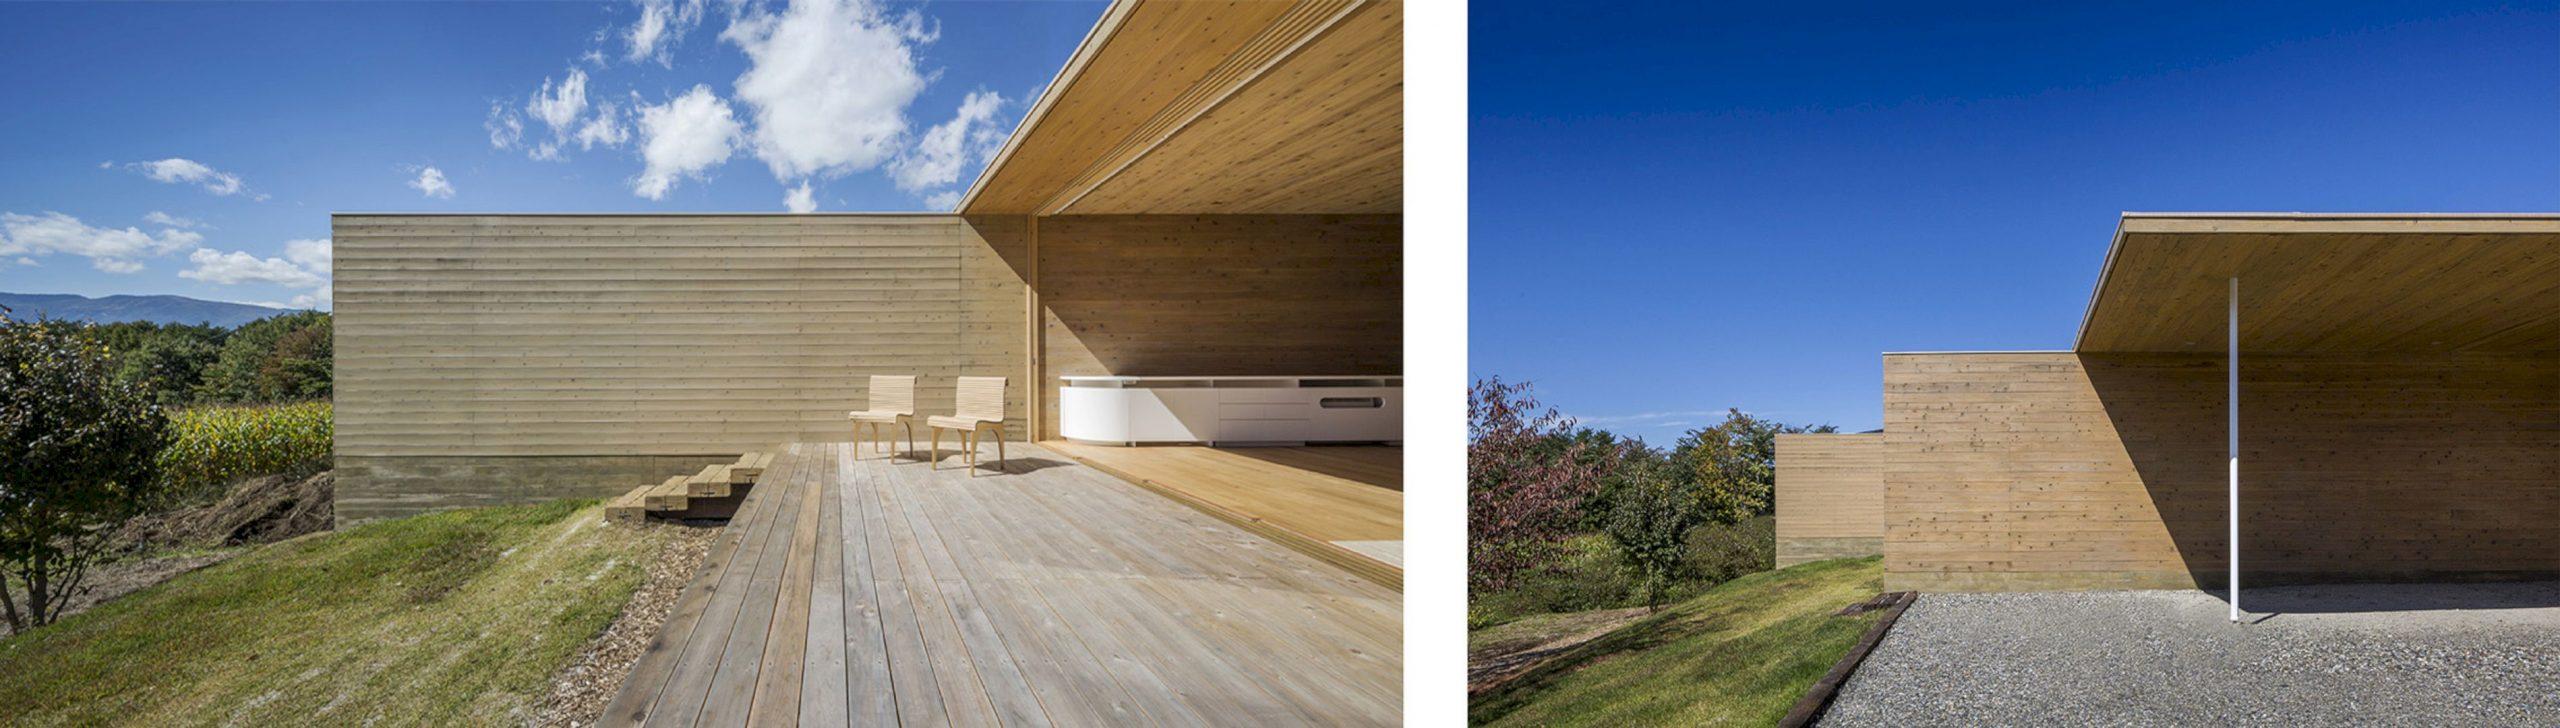 Solid Cedar House By Shigeru Ban Architects 2